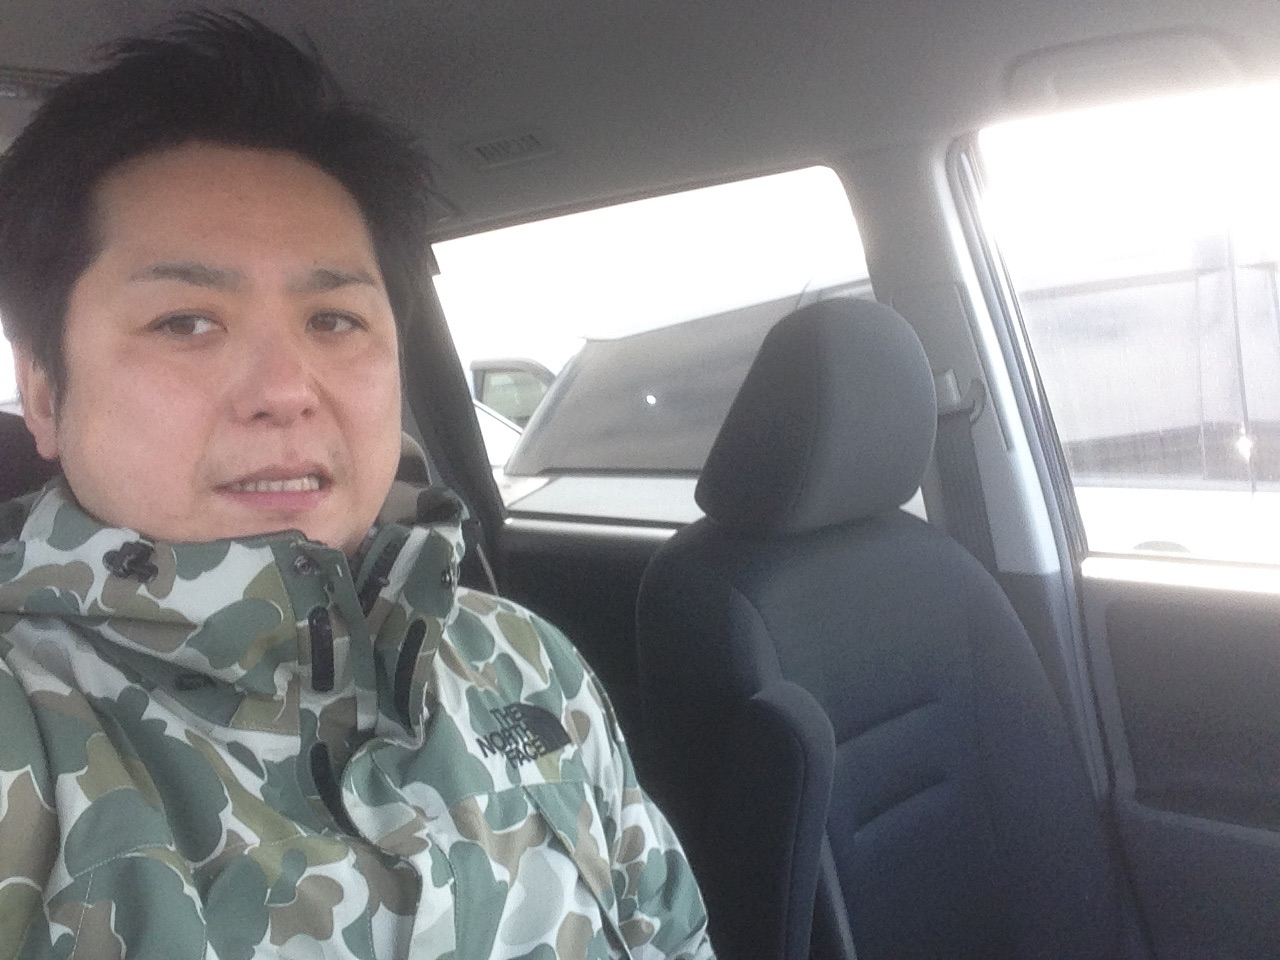 3月25日(水)トミーアウトレット☆O様ekワゴンご成約!!軽自動車☆コンパクトカー☆ローンサポート☆_b0127002_18475668.jpg